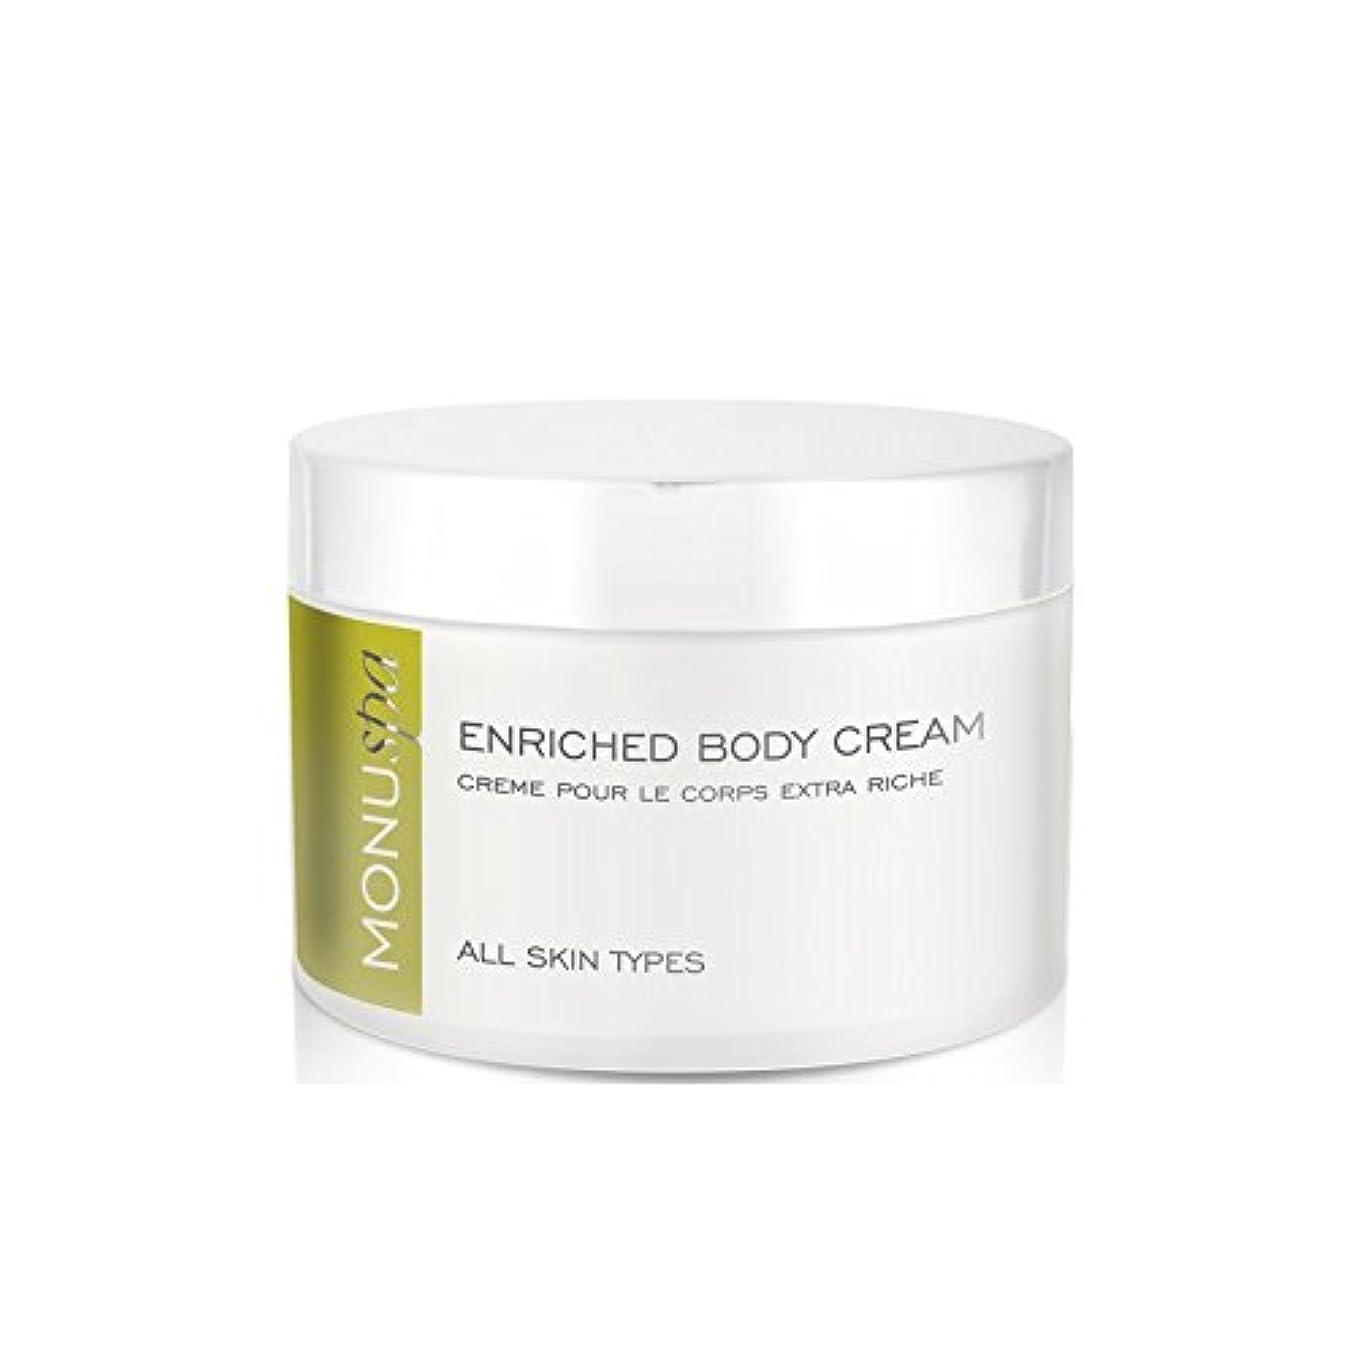 クラブ豚肉ウィンク濃縮ボディクリーム200ミリリットル x4 - MONUspa Enriched Body Cream 200ml (Pack of 4) [並行輸入品]